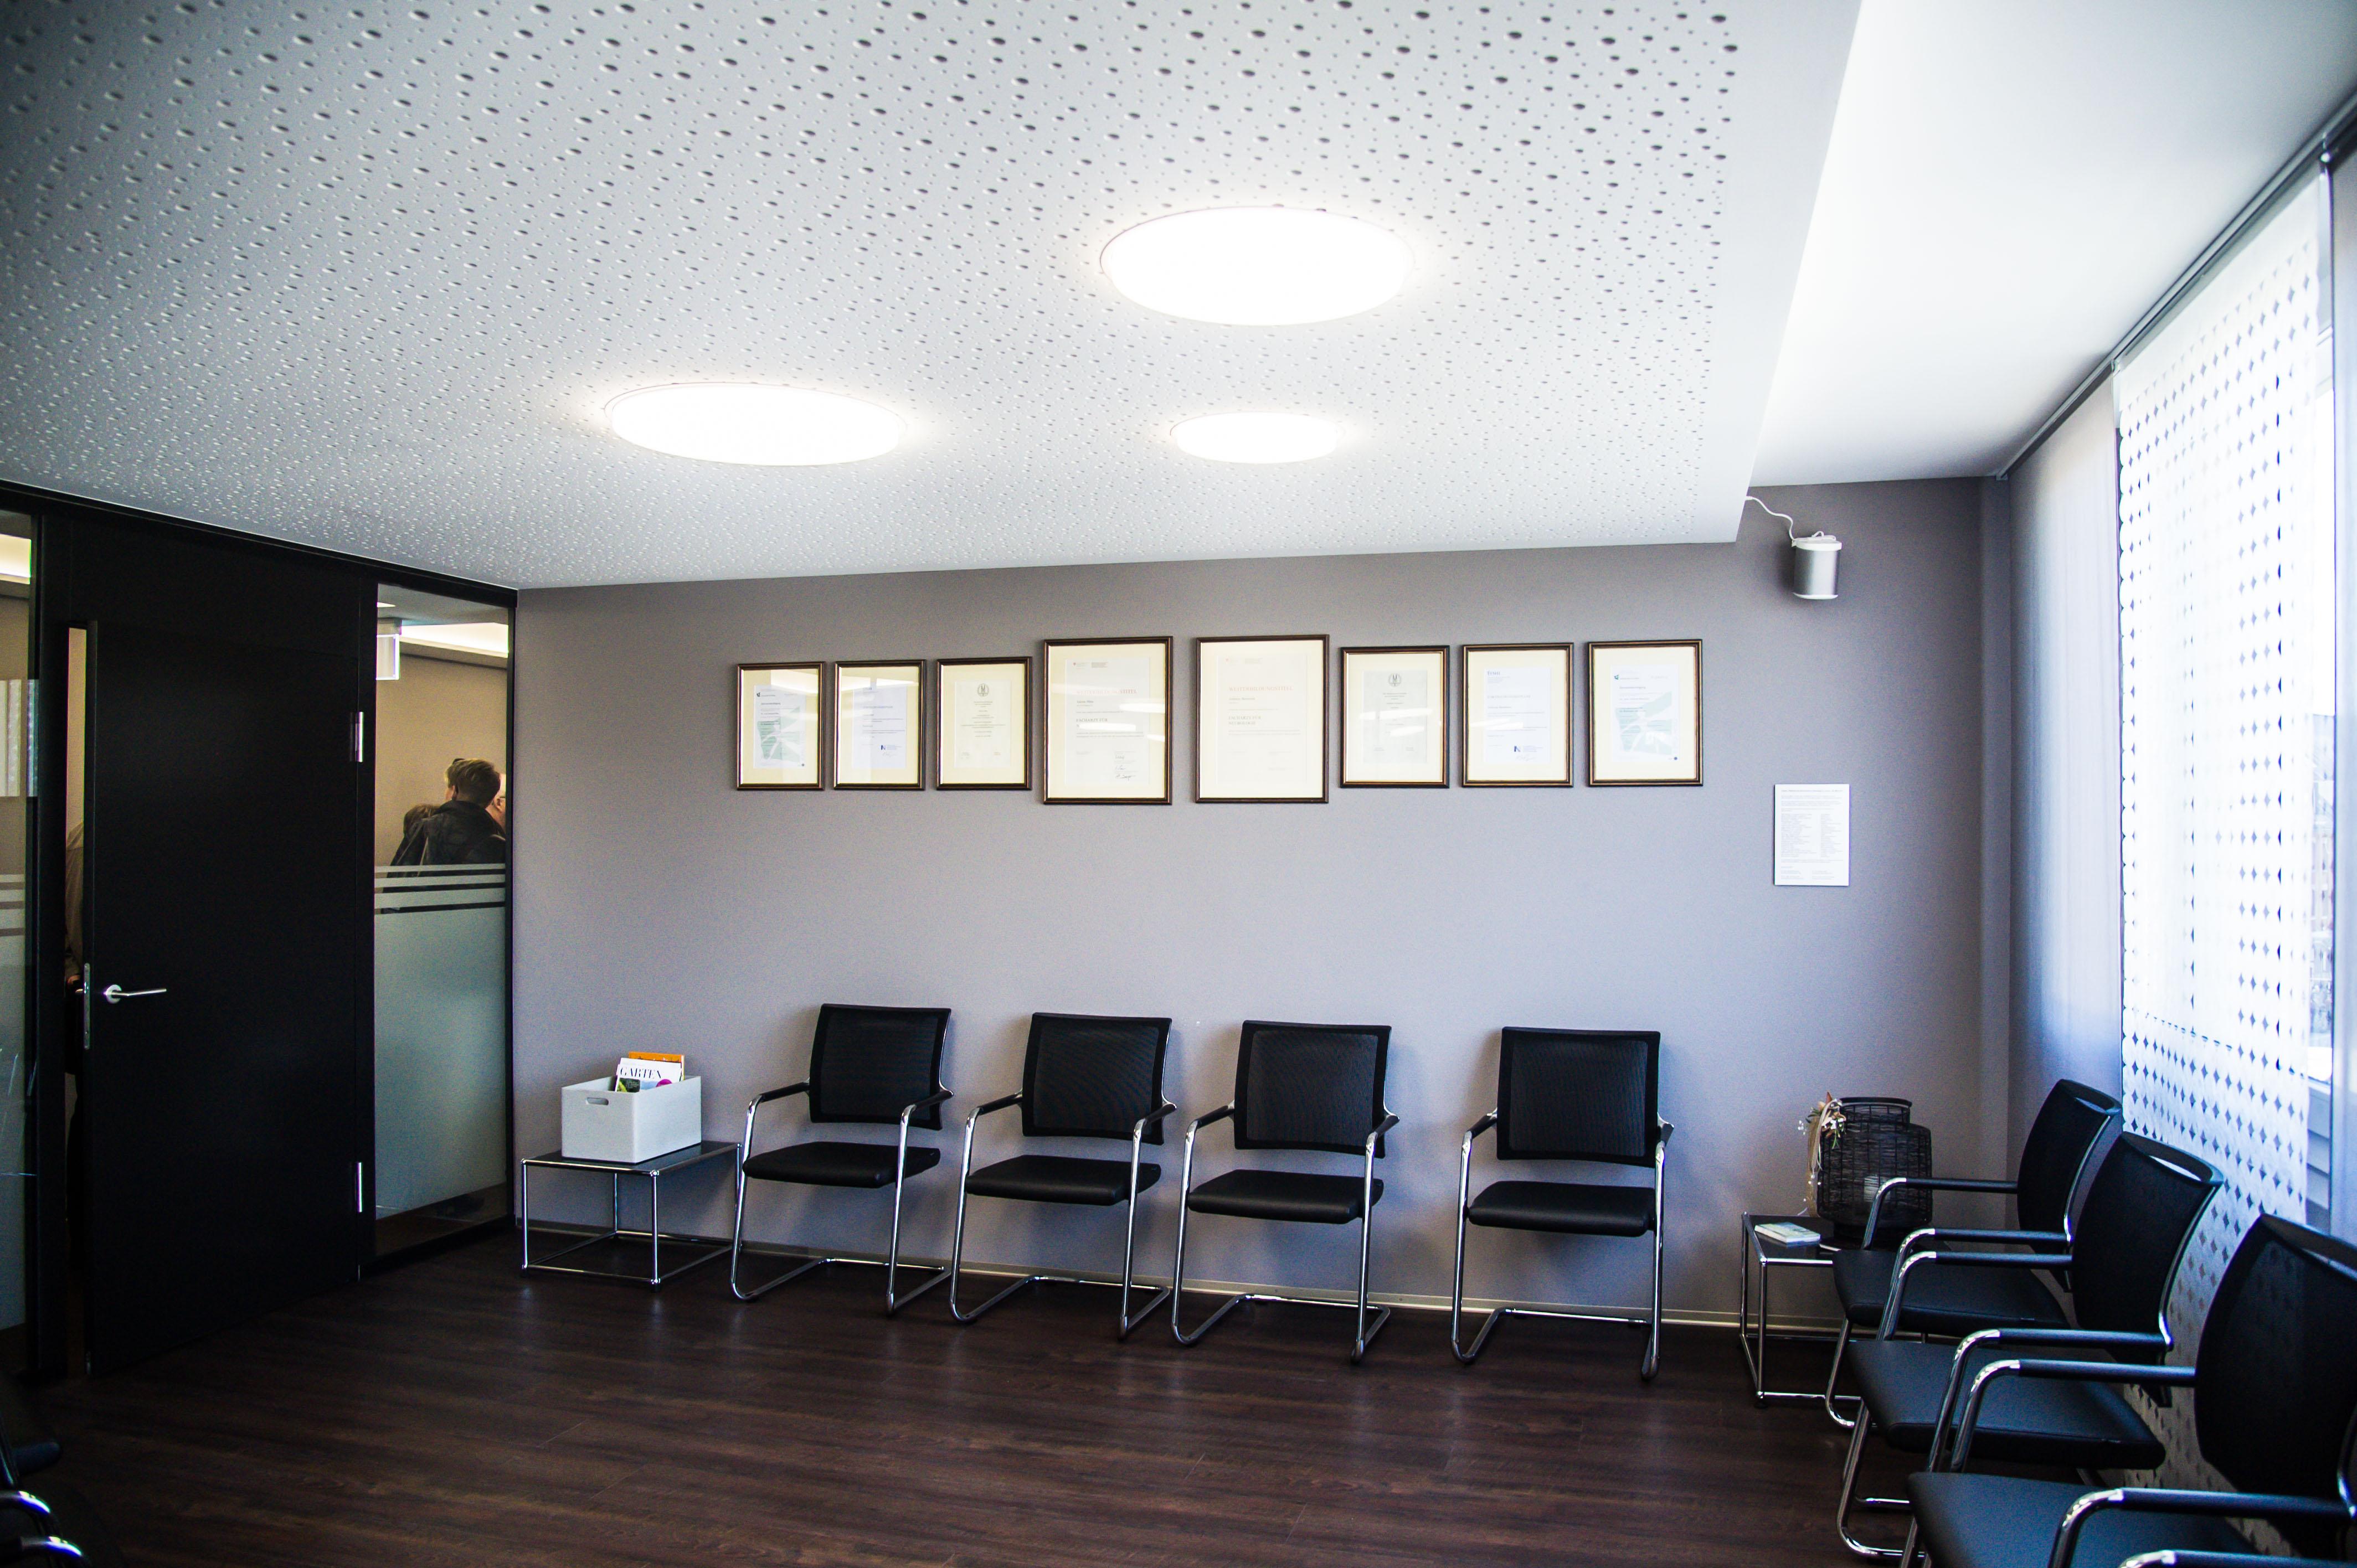 17_KW15_Eröffnung_Neurozentrum_Langenthal_BO-81